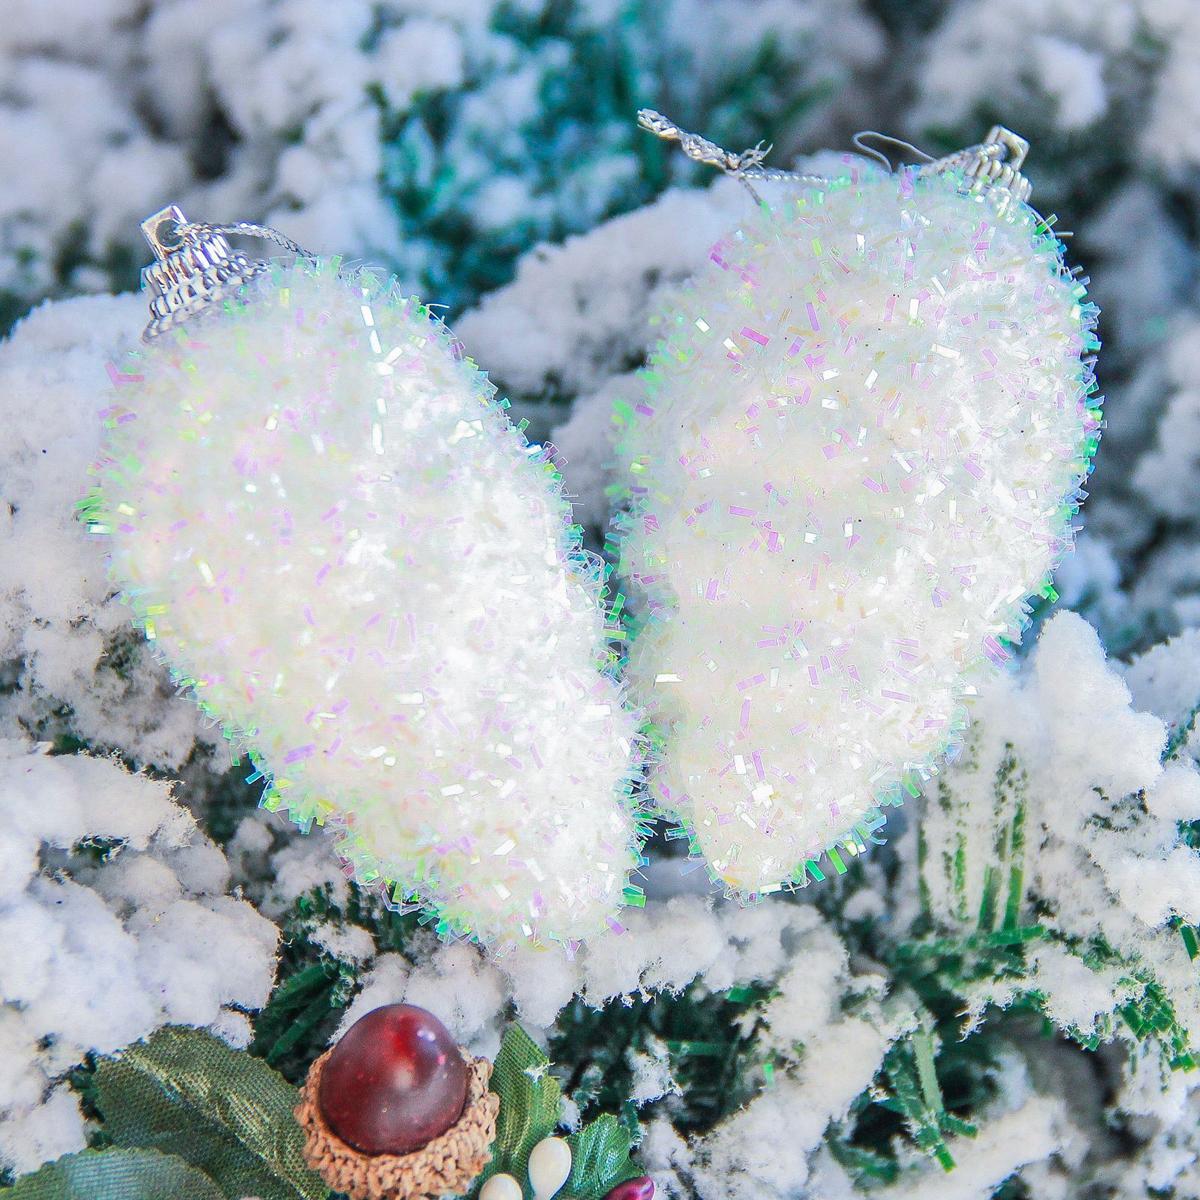 Набор новогодних подвесных украшений Sima-land Шишка. Пушинка, 3 х 6,5 см, 6 шт2377847Набор новогодних подвесных украшений Sima-land отлично подойдет для декорации вашего дома и новогодней ели. Новогодние украшения можно повесить в любом понравившемся вам месте. Но, конечно, удачнее всего они будет смотреться на праздничной елке.Елочная игрушка - символ Нового года. Она несет в себе волшебство и красоту праздника. Такое украшение создаст в вашем доме атмосферу праздника, веселья и радости.